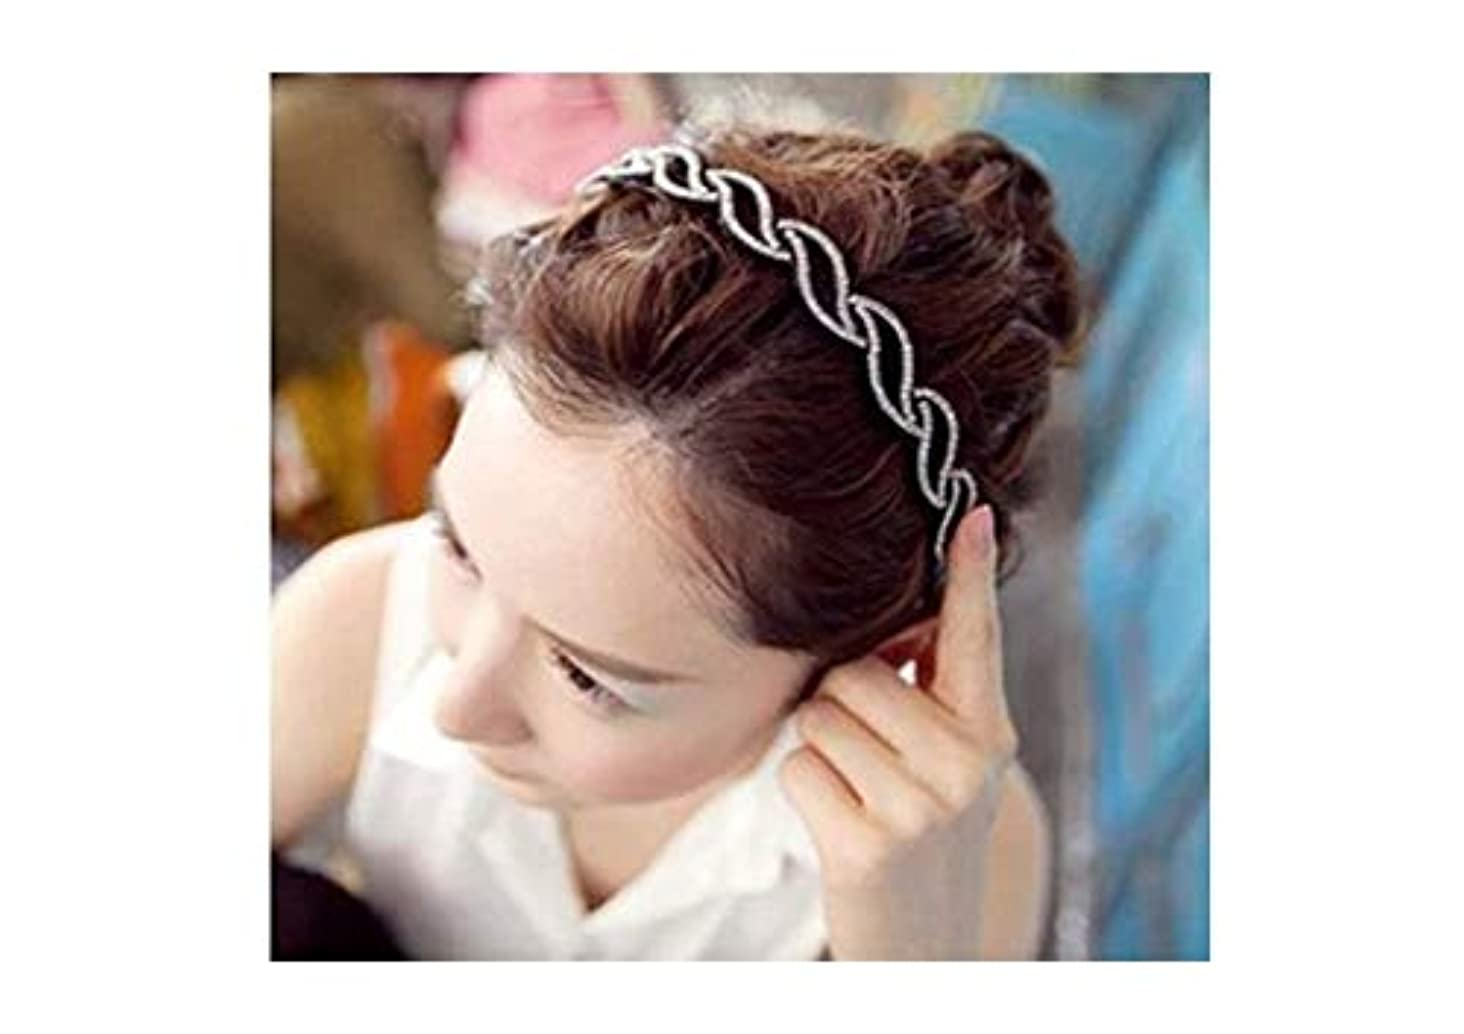 ピアしなやかこのYANTING ヘアピンヘッドバンドワイド側シンプルなヘアアクセサリーラインストーン多彩な髪のリングの髪フープエレガントレディヘッドバンド韓国語バージョン